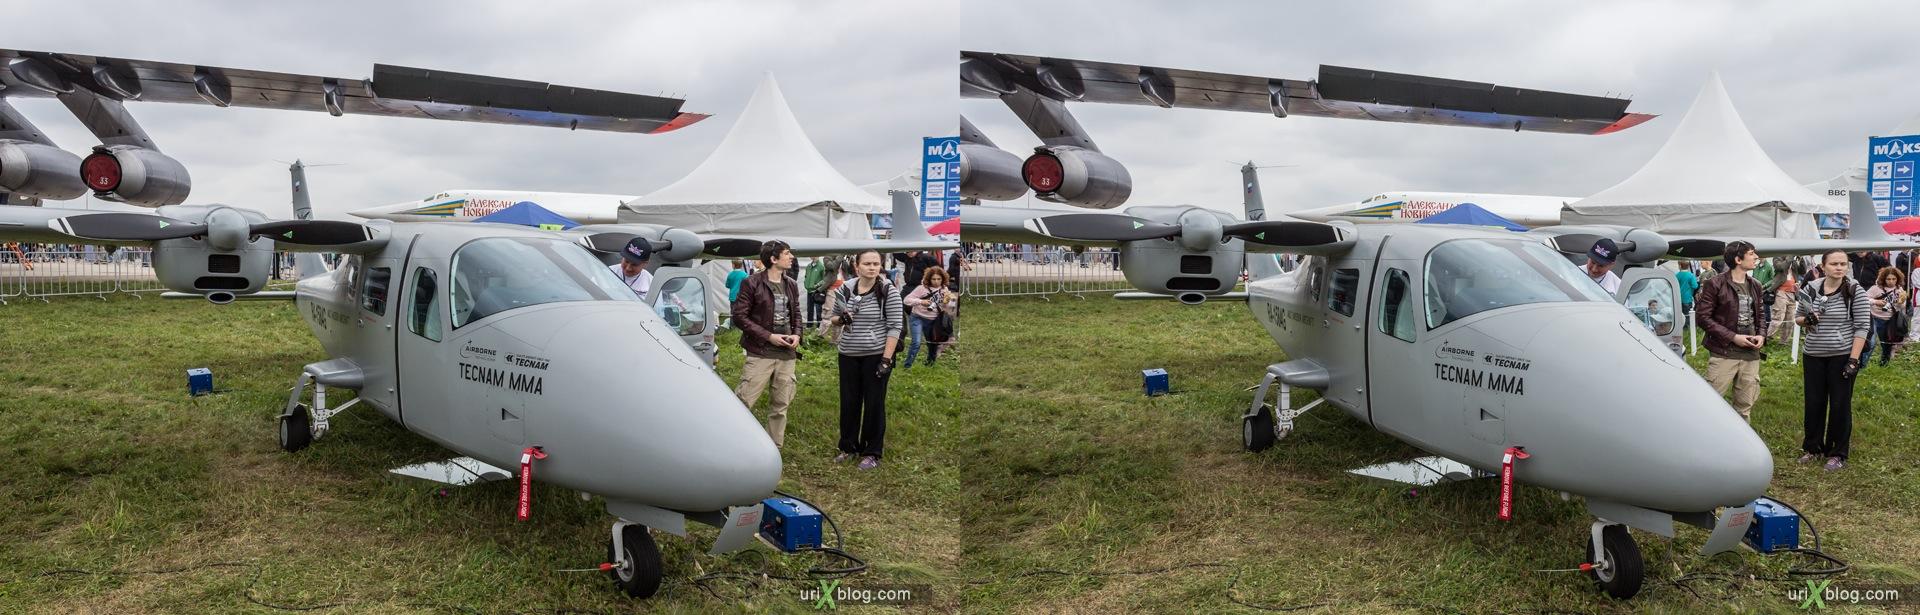 2013, Tecnam P2006 MMA, Россия, Раменское, Жуковский, аэродром, самолёт, экспозиция, МАКС, Международный Авиационно-космический Салон, 3D, перекрёстная стереопара, стерео, стереопара